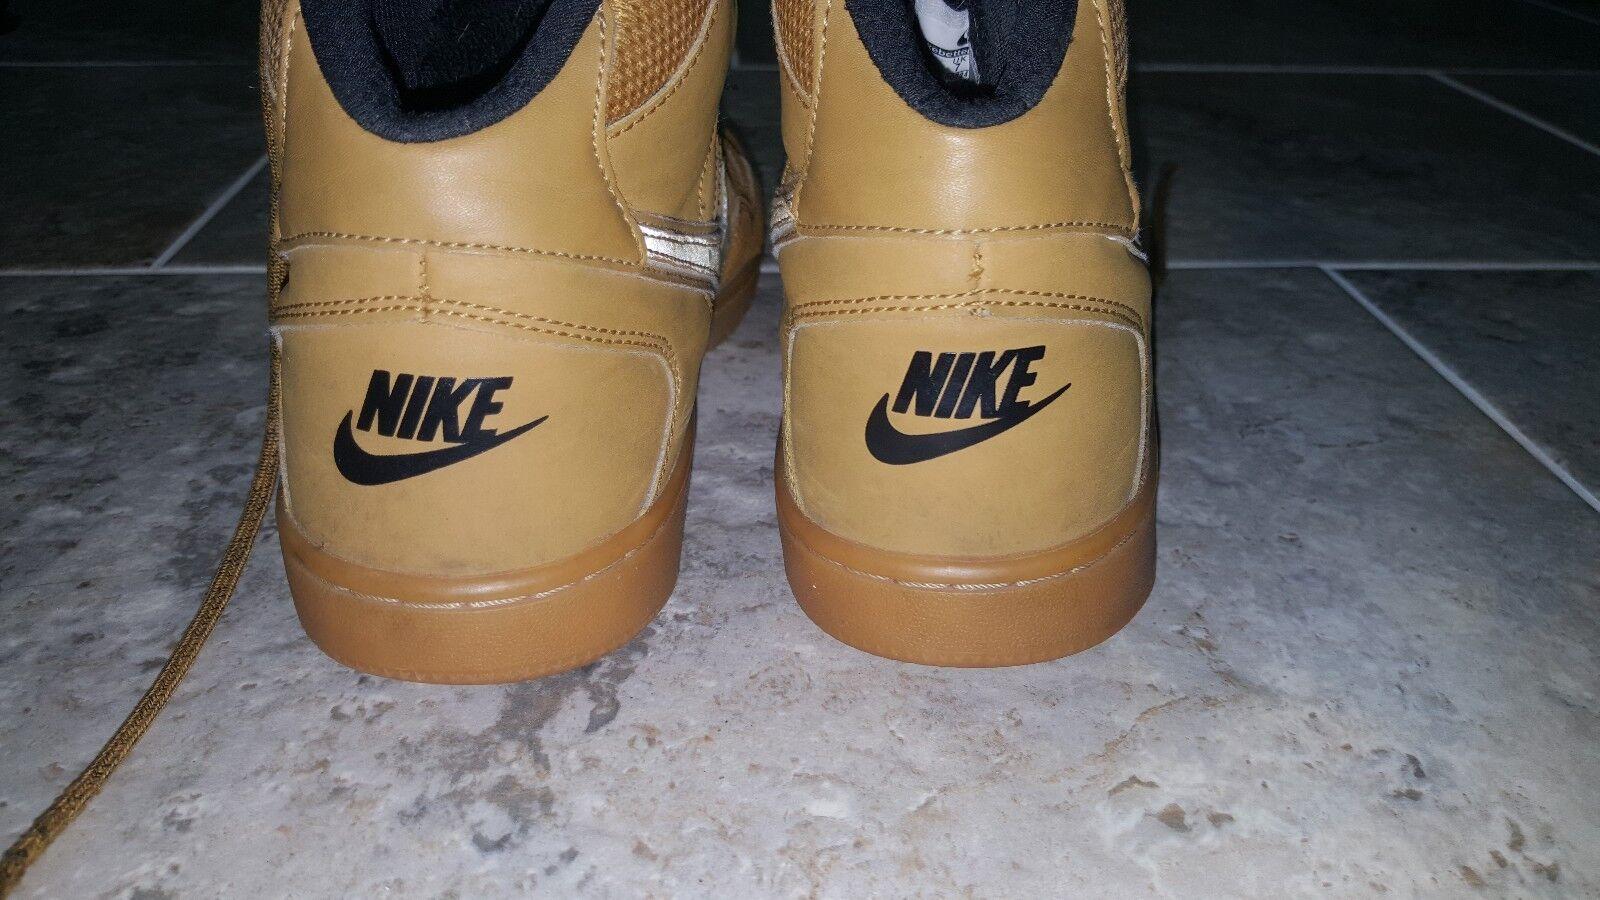 Nike, sohn von kraft der gelbbraune gomme schuhe größe us8 uk7 gebrauchtyachten der kraft gute zustand 229467